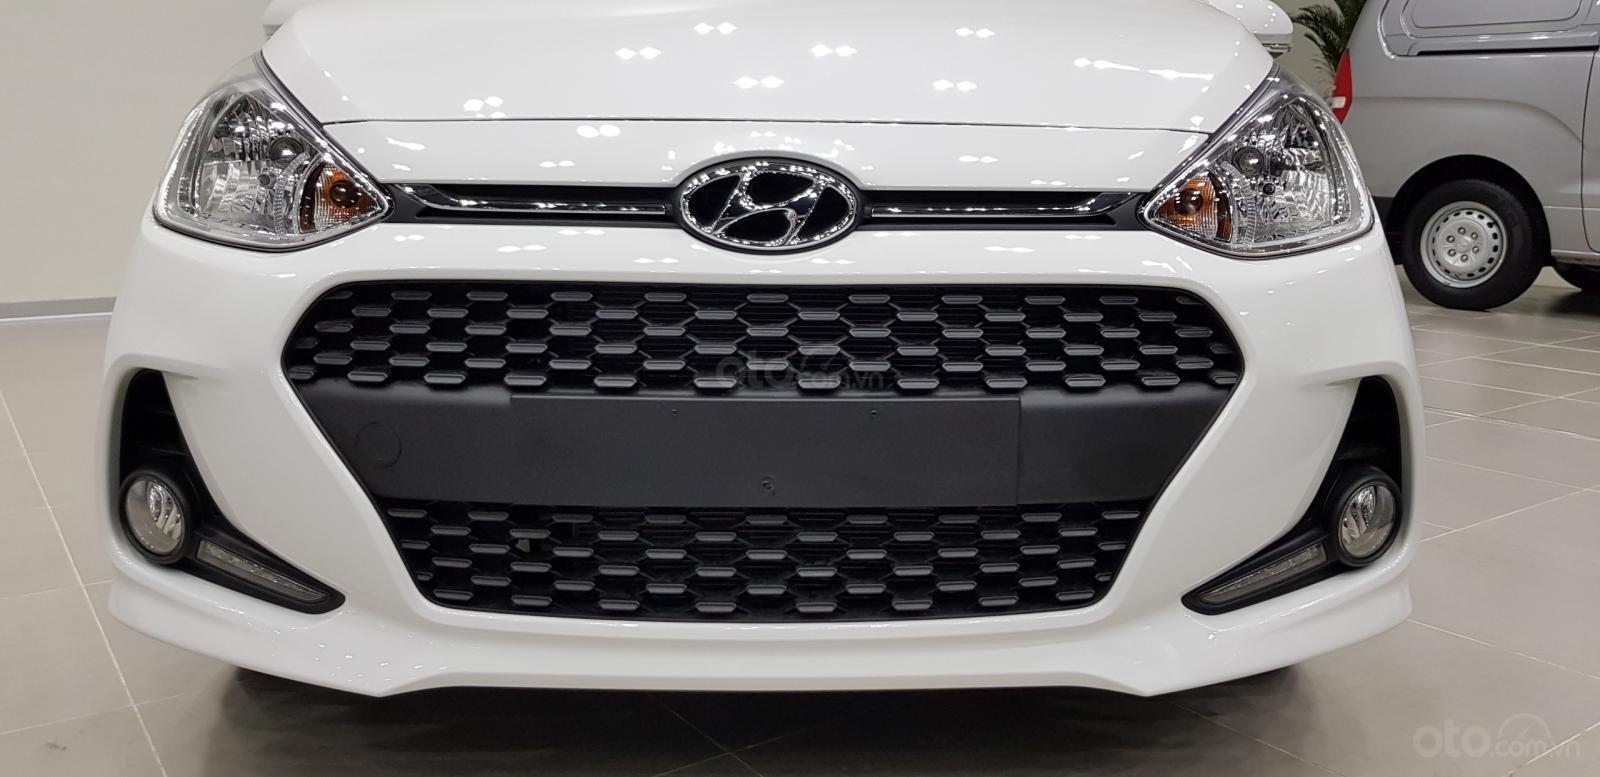 Bán Hyundai i10 hatchback, sản xuất 2019, có giao ngay, giá cạnh tranh, đủ màu, LH 0971626238 (6)